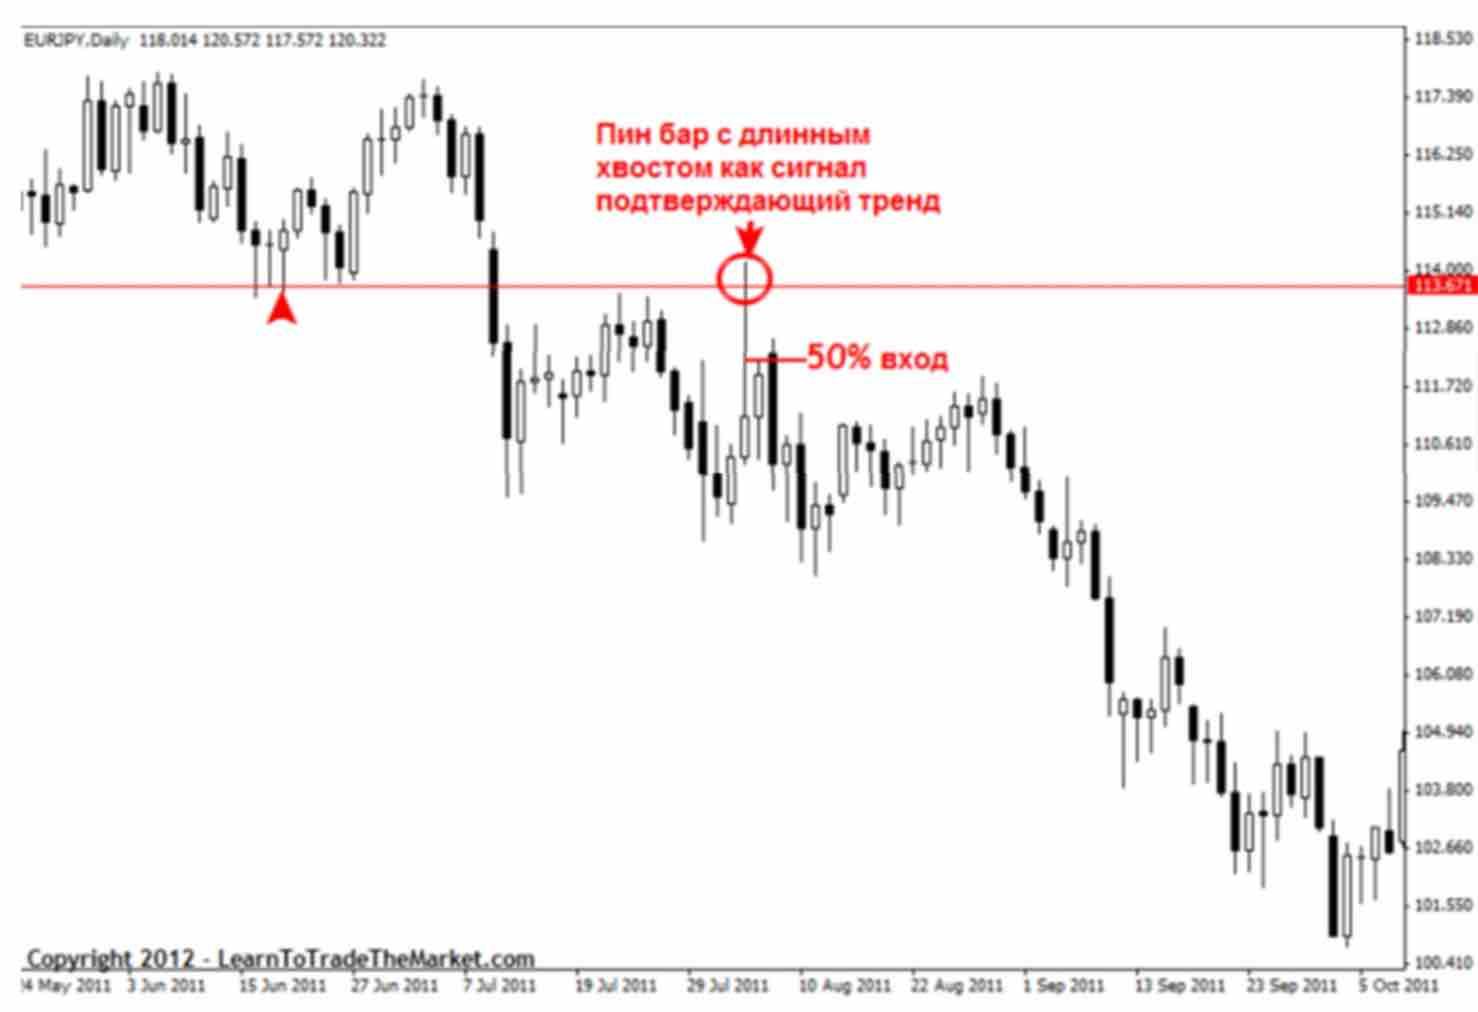 signal 04 Как отличить хорошие и плохие торговые сигналы прайс экшен?